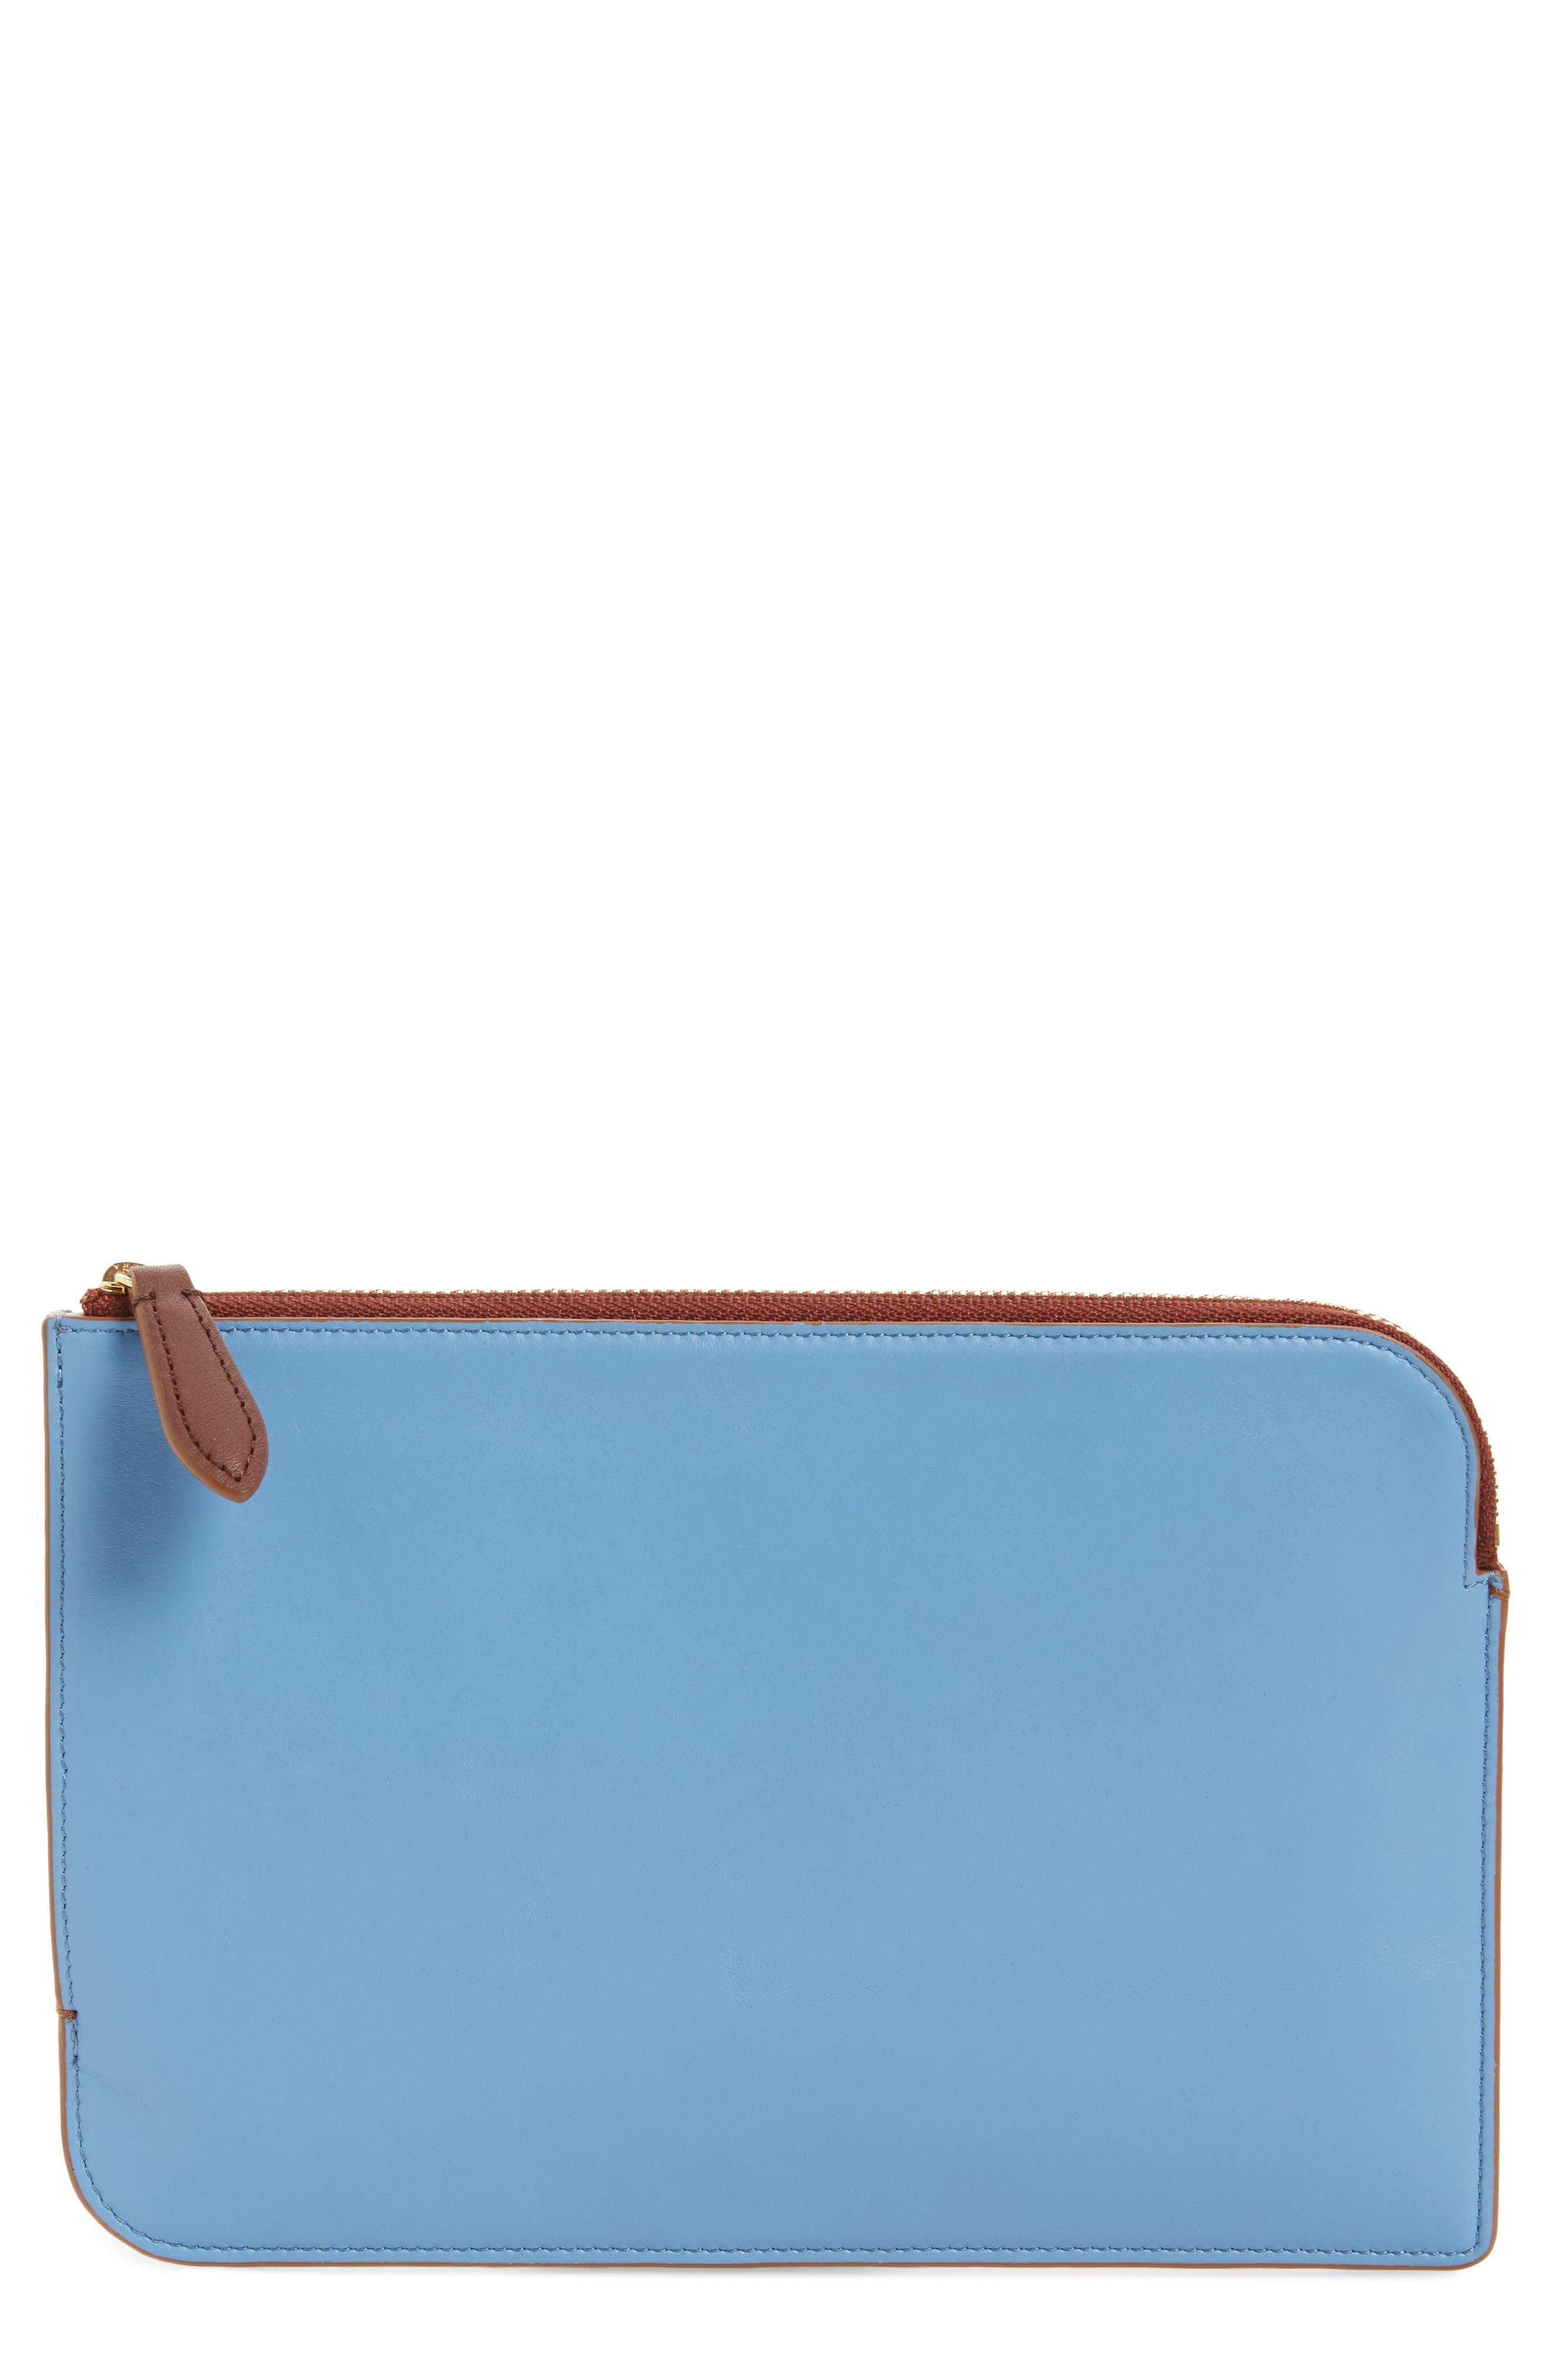 Main Image - Diane von Furstenberg Medium Leather Zip Pouch